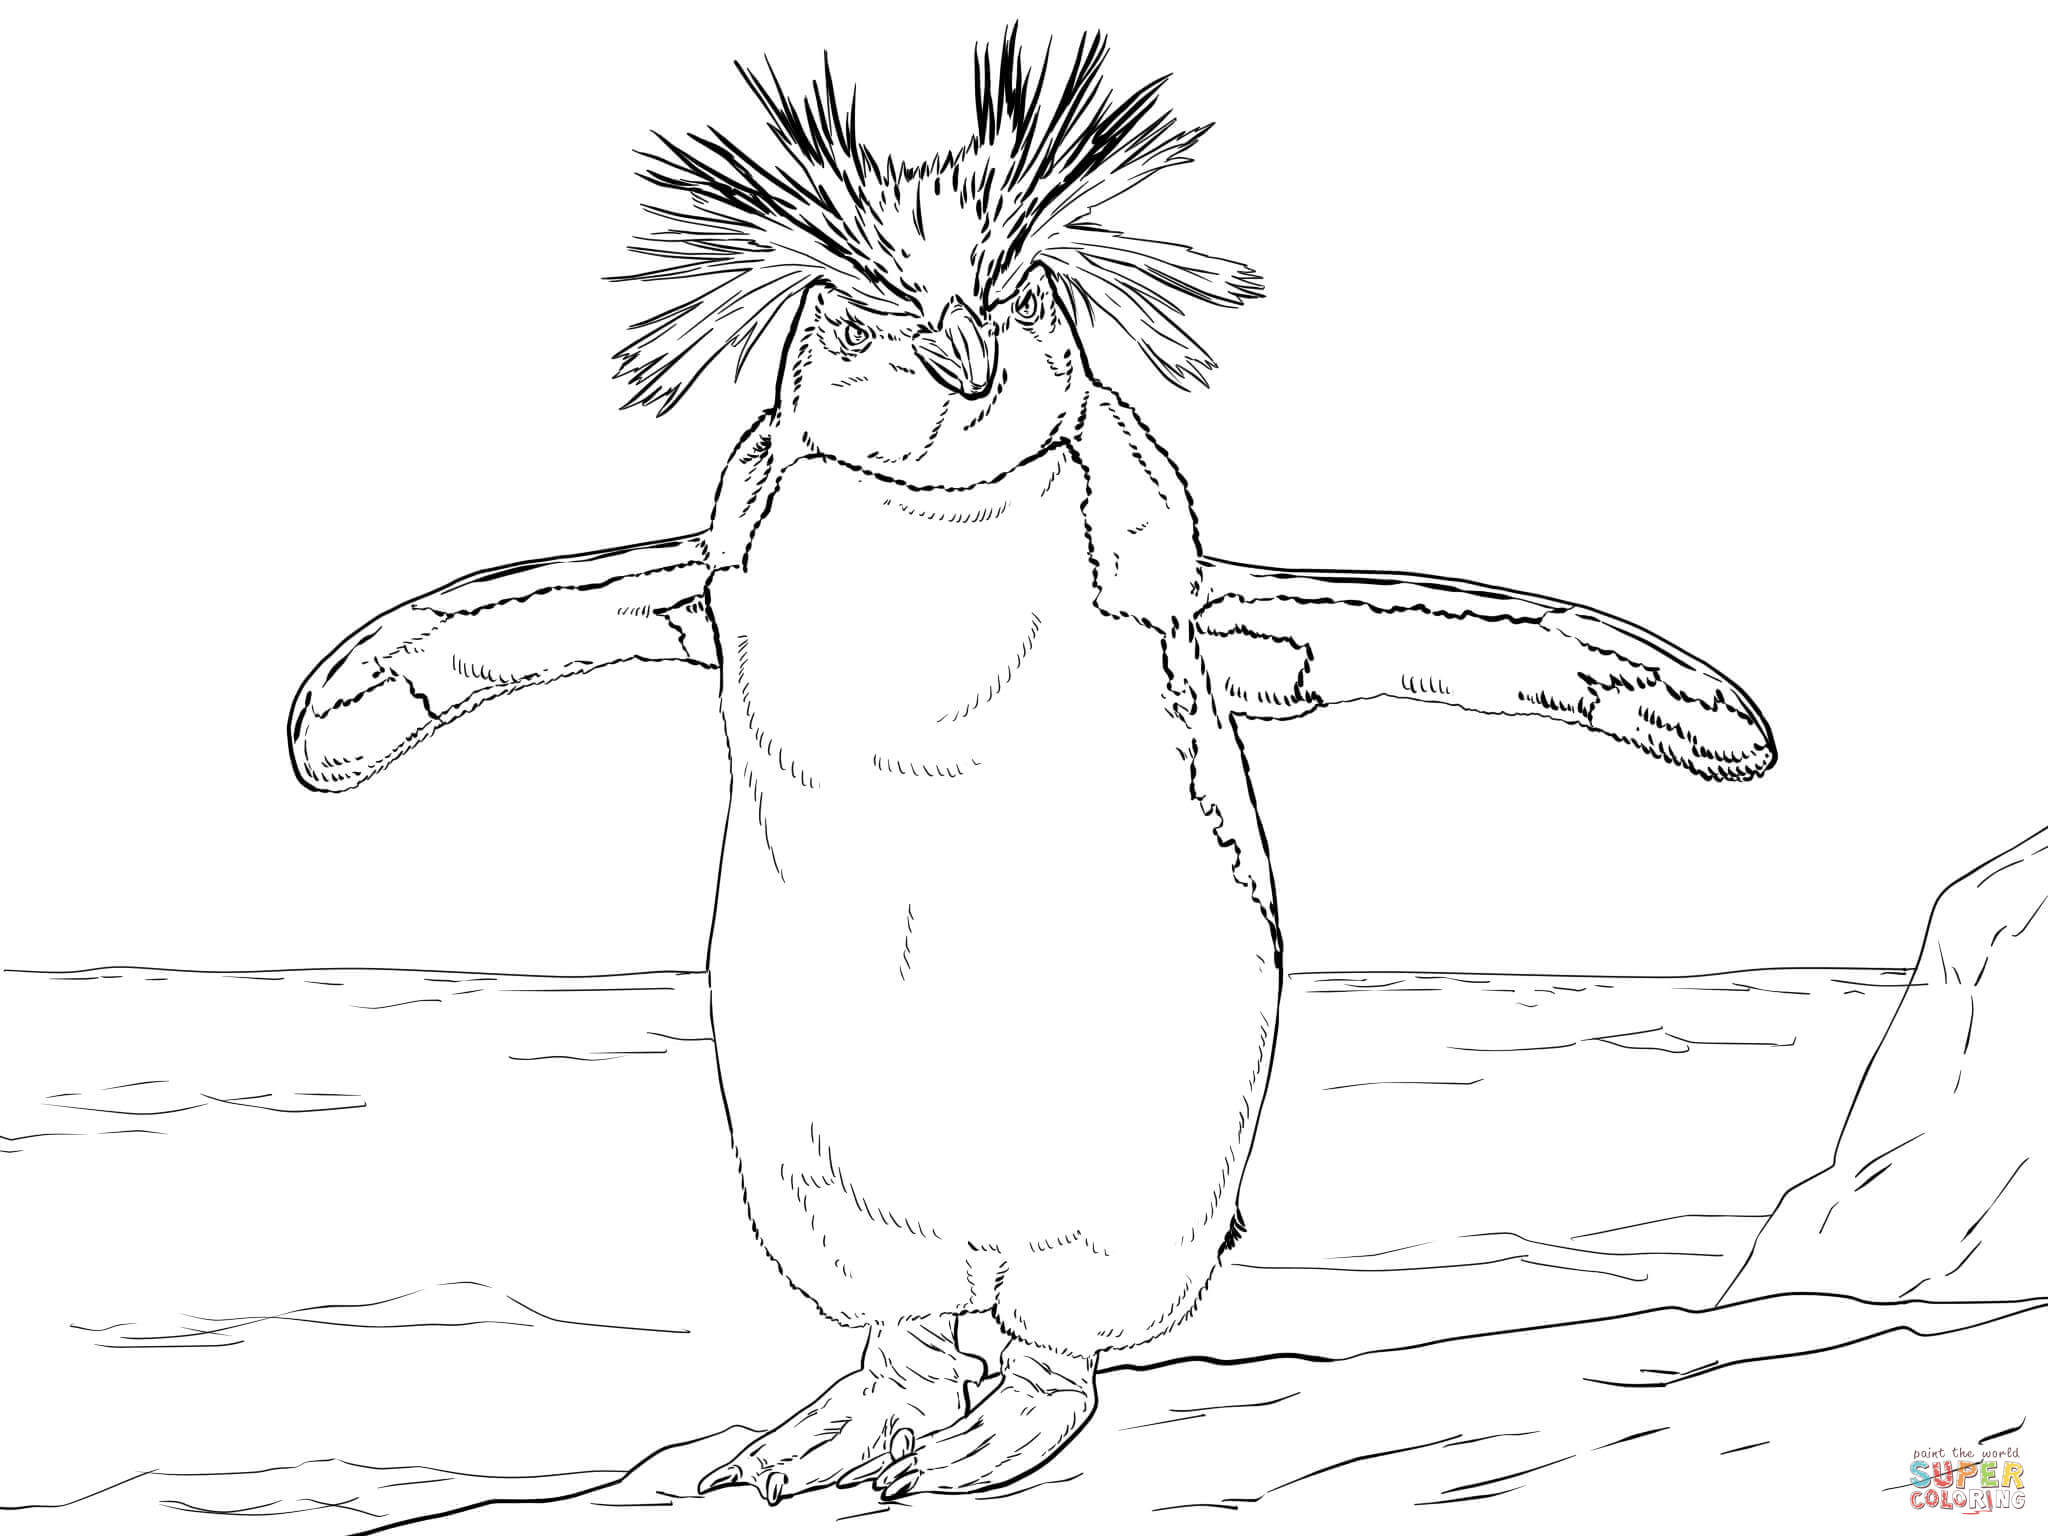 Ausmalbilder Pinguine - Malvorlagen Kostenlos Zum Ausdrucken für Pinguin Malvorlage